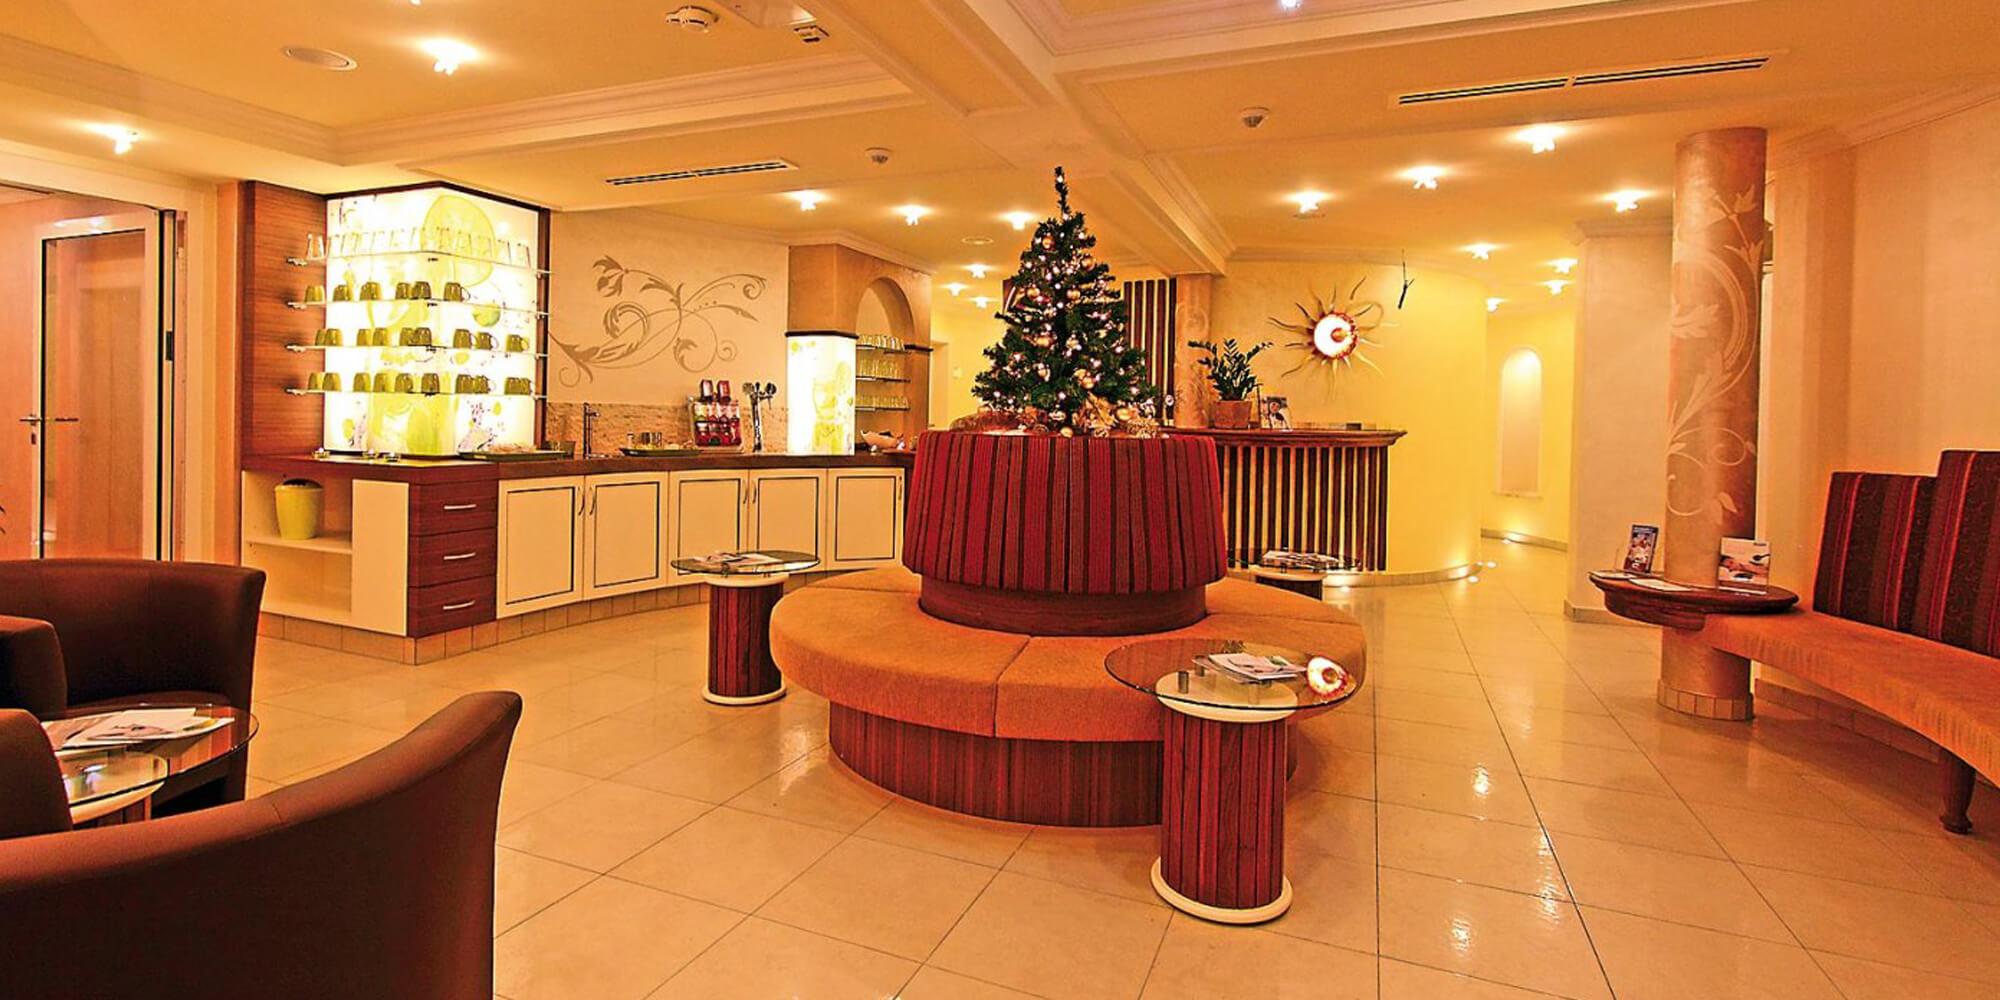 Crea-Plan-Design-Rauch-Frühmann-Architektur-Innenarchitektur-Design-Projekt-Referenz-Hotelerie-Gastronomie-Hotel-Bergknappenhof-Beauty-2